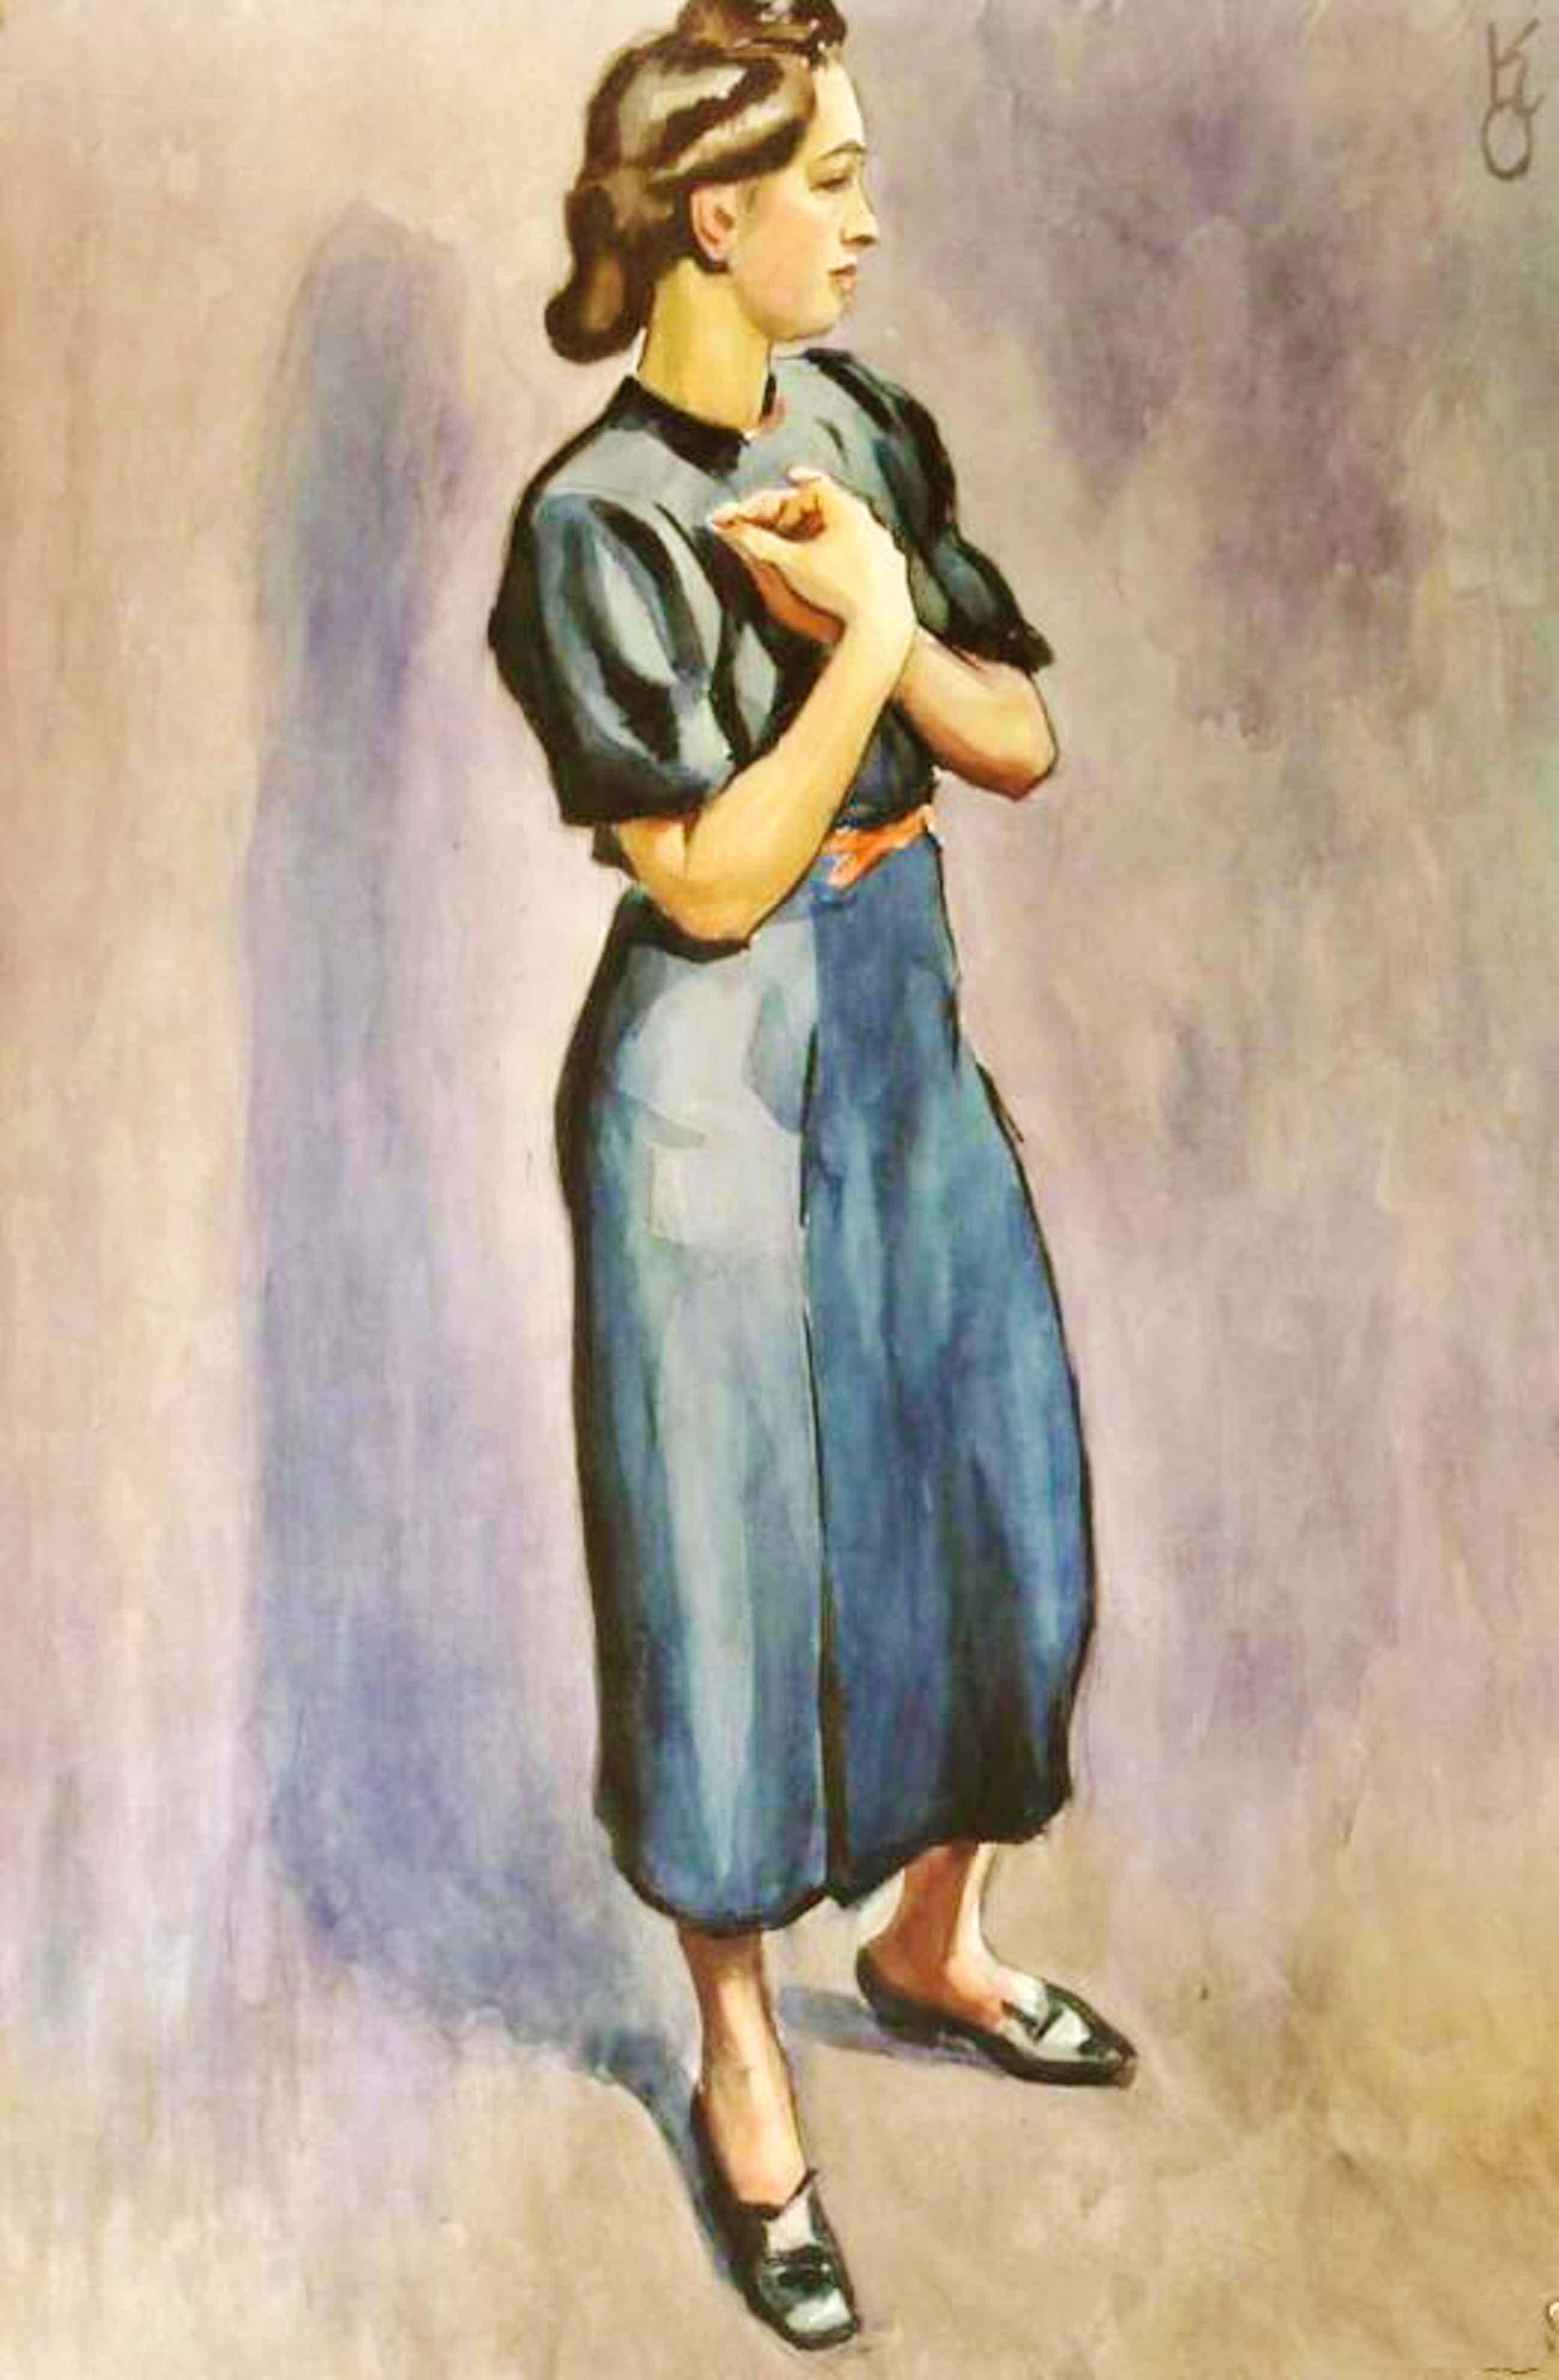 Kurt Opitz - Junge Frau in blauem Kleid, sehr große Gouache kopen? Bied vanaf 400!